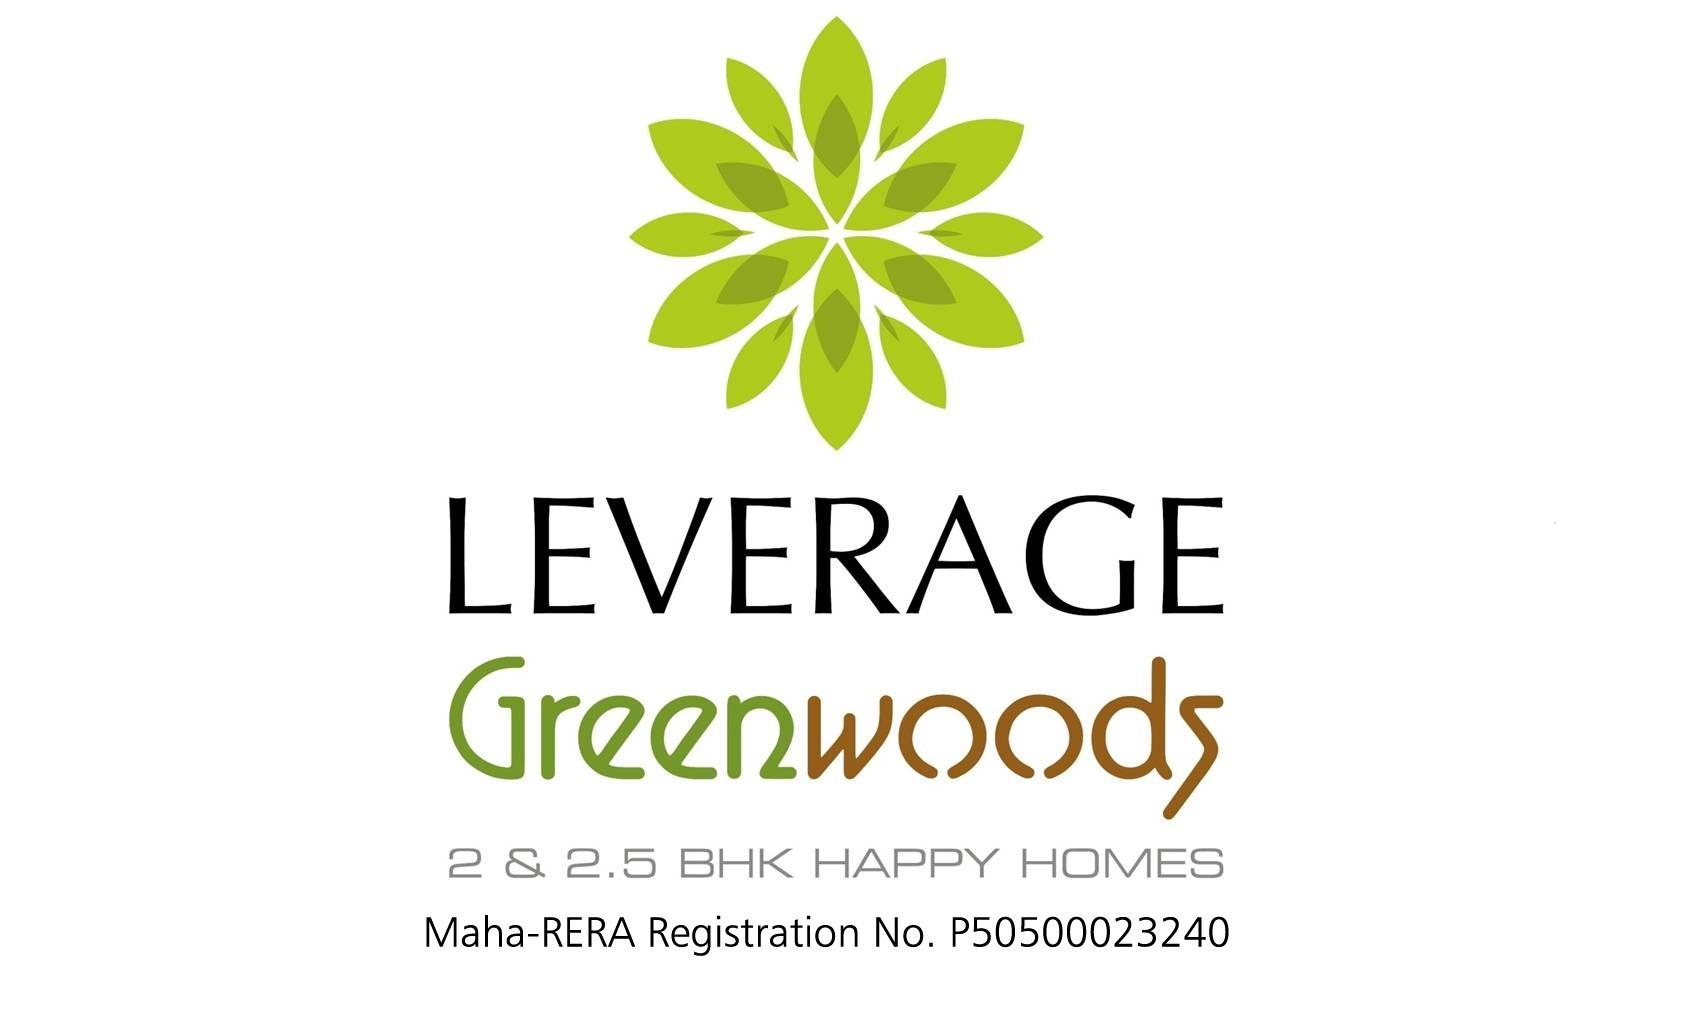 LOGO - Leverage Greenwoods Harmony